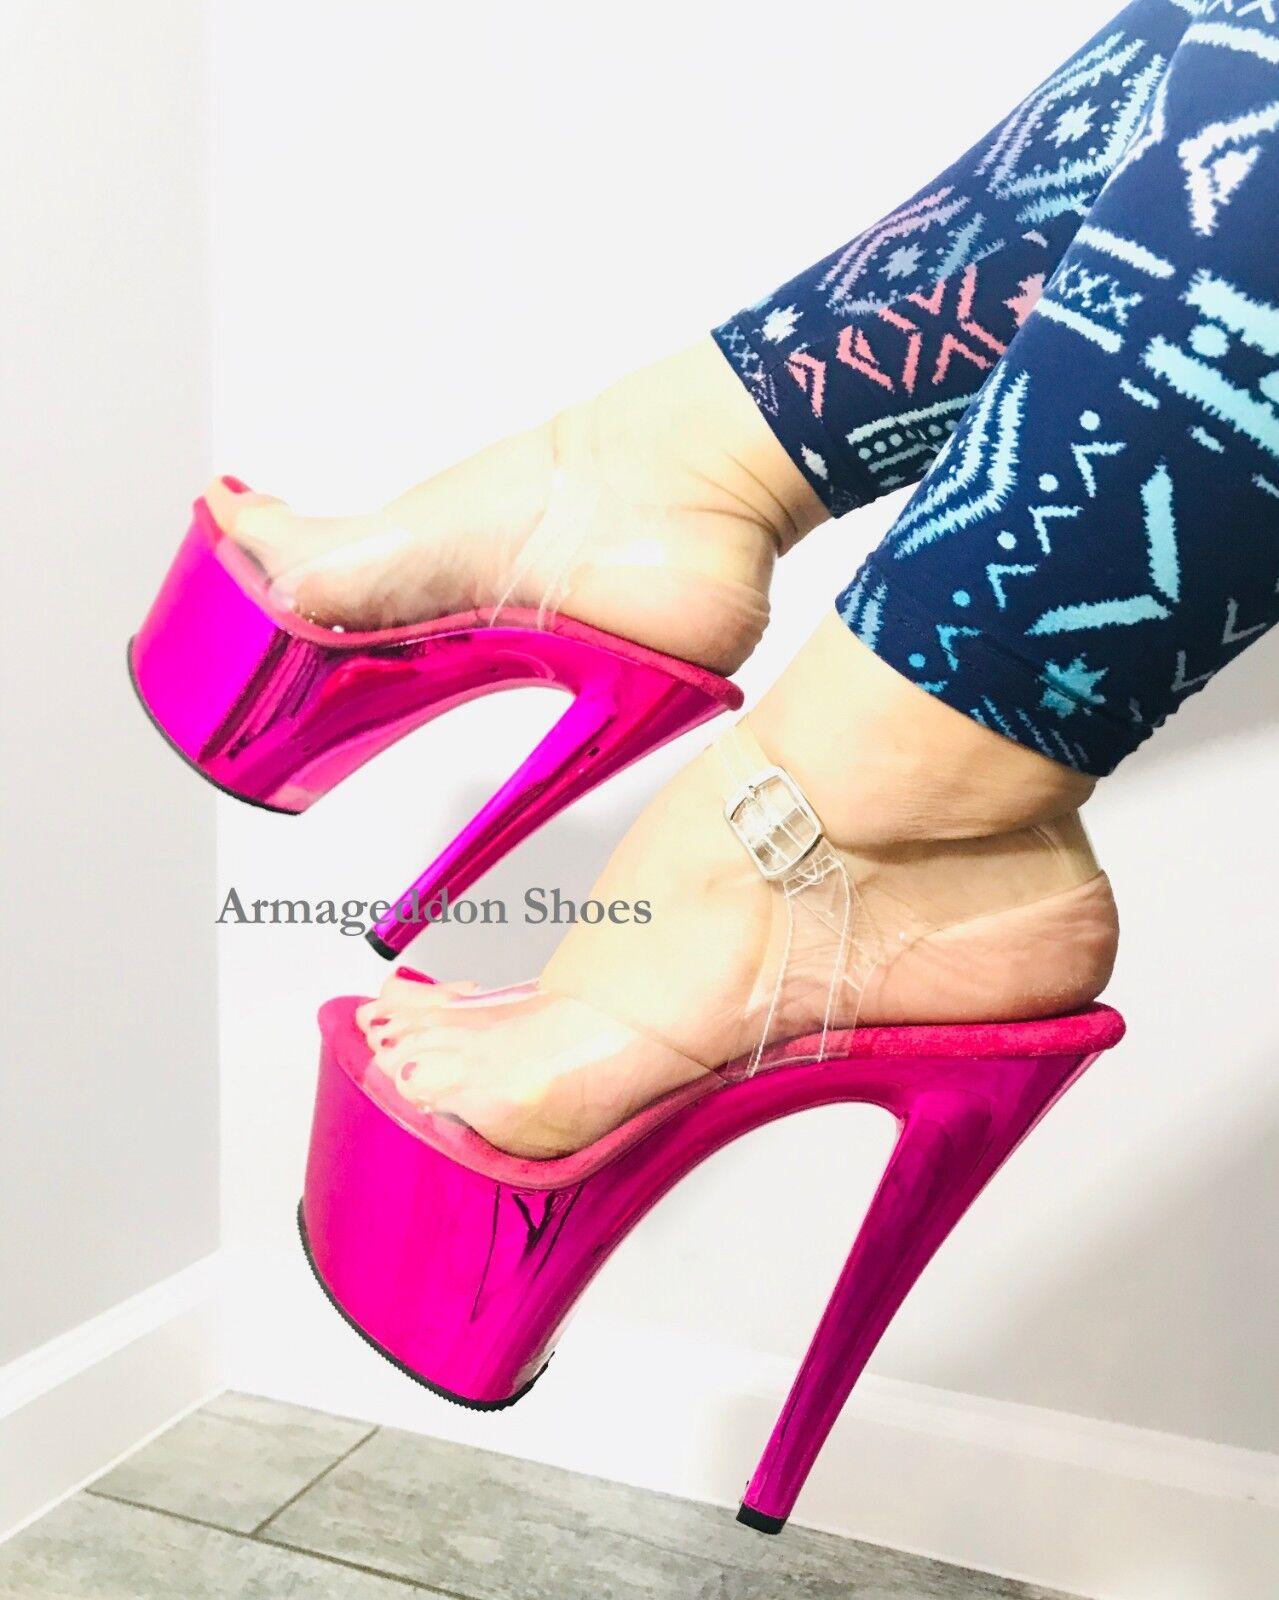 nuovo stile 7  Hot Hot Hot rosa Clear Platform Heels Stripper Pole Exotic Dancer scarpe Pleaser Strap  la migliore moda